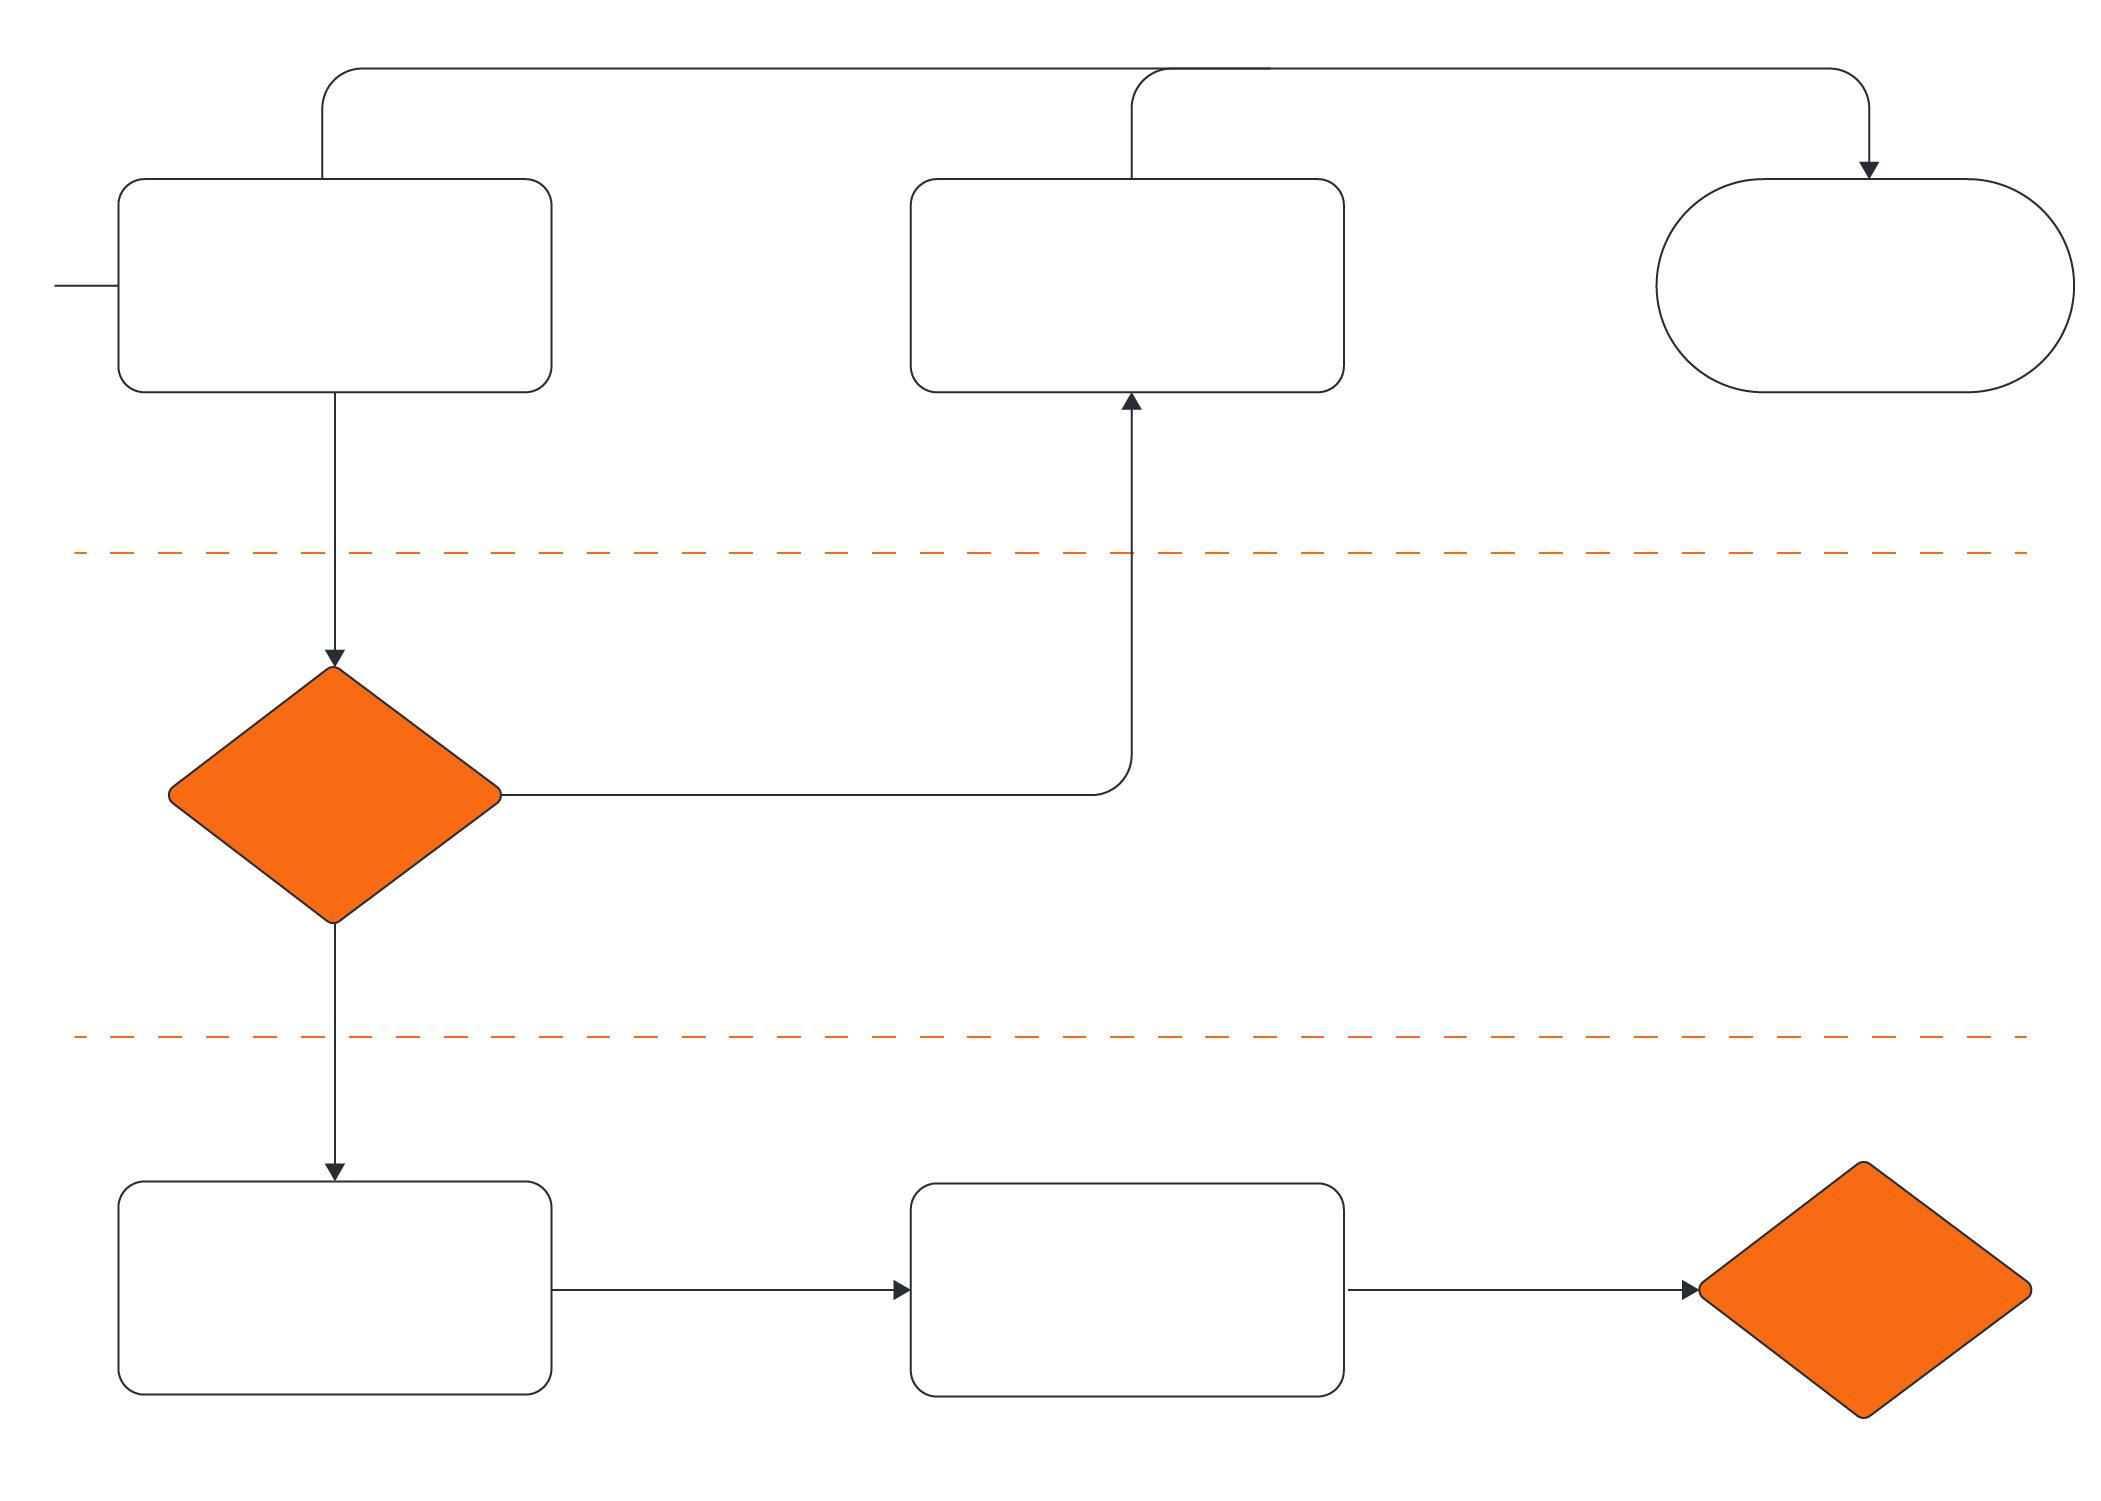 Logiciel de cartographie des processus Lucidchart